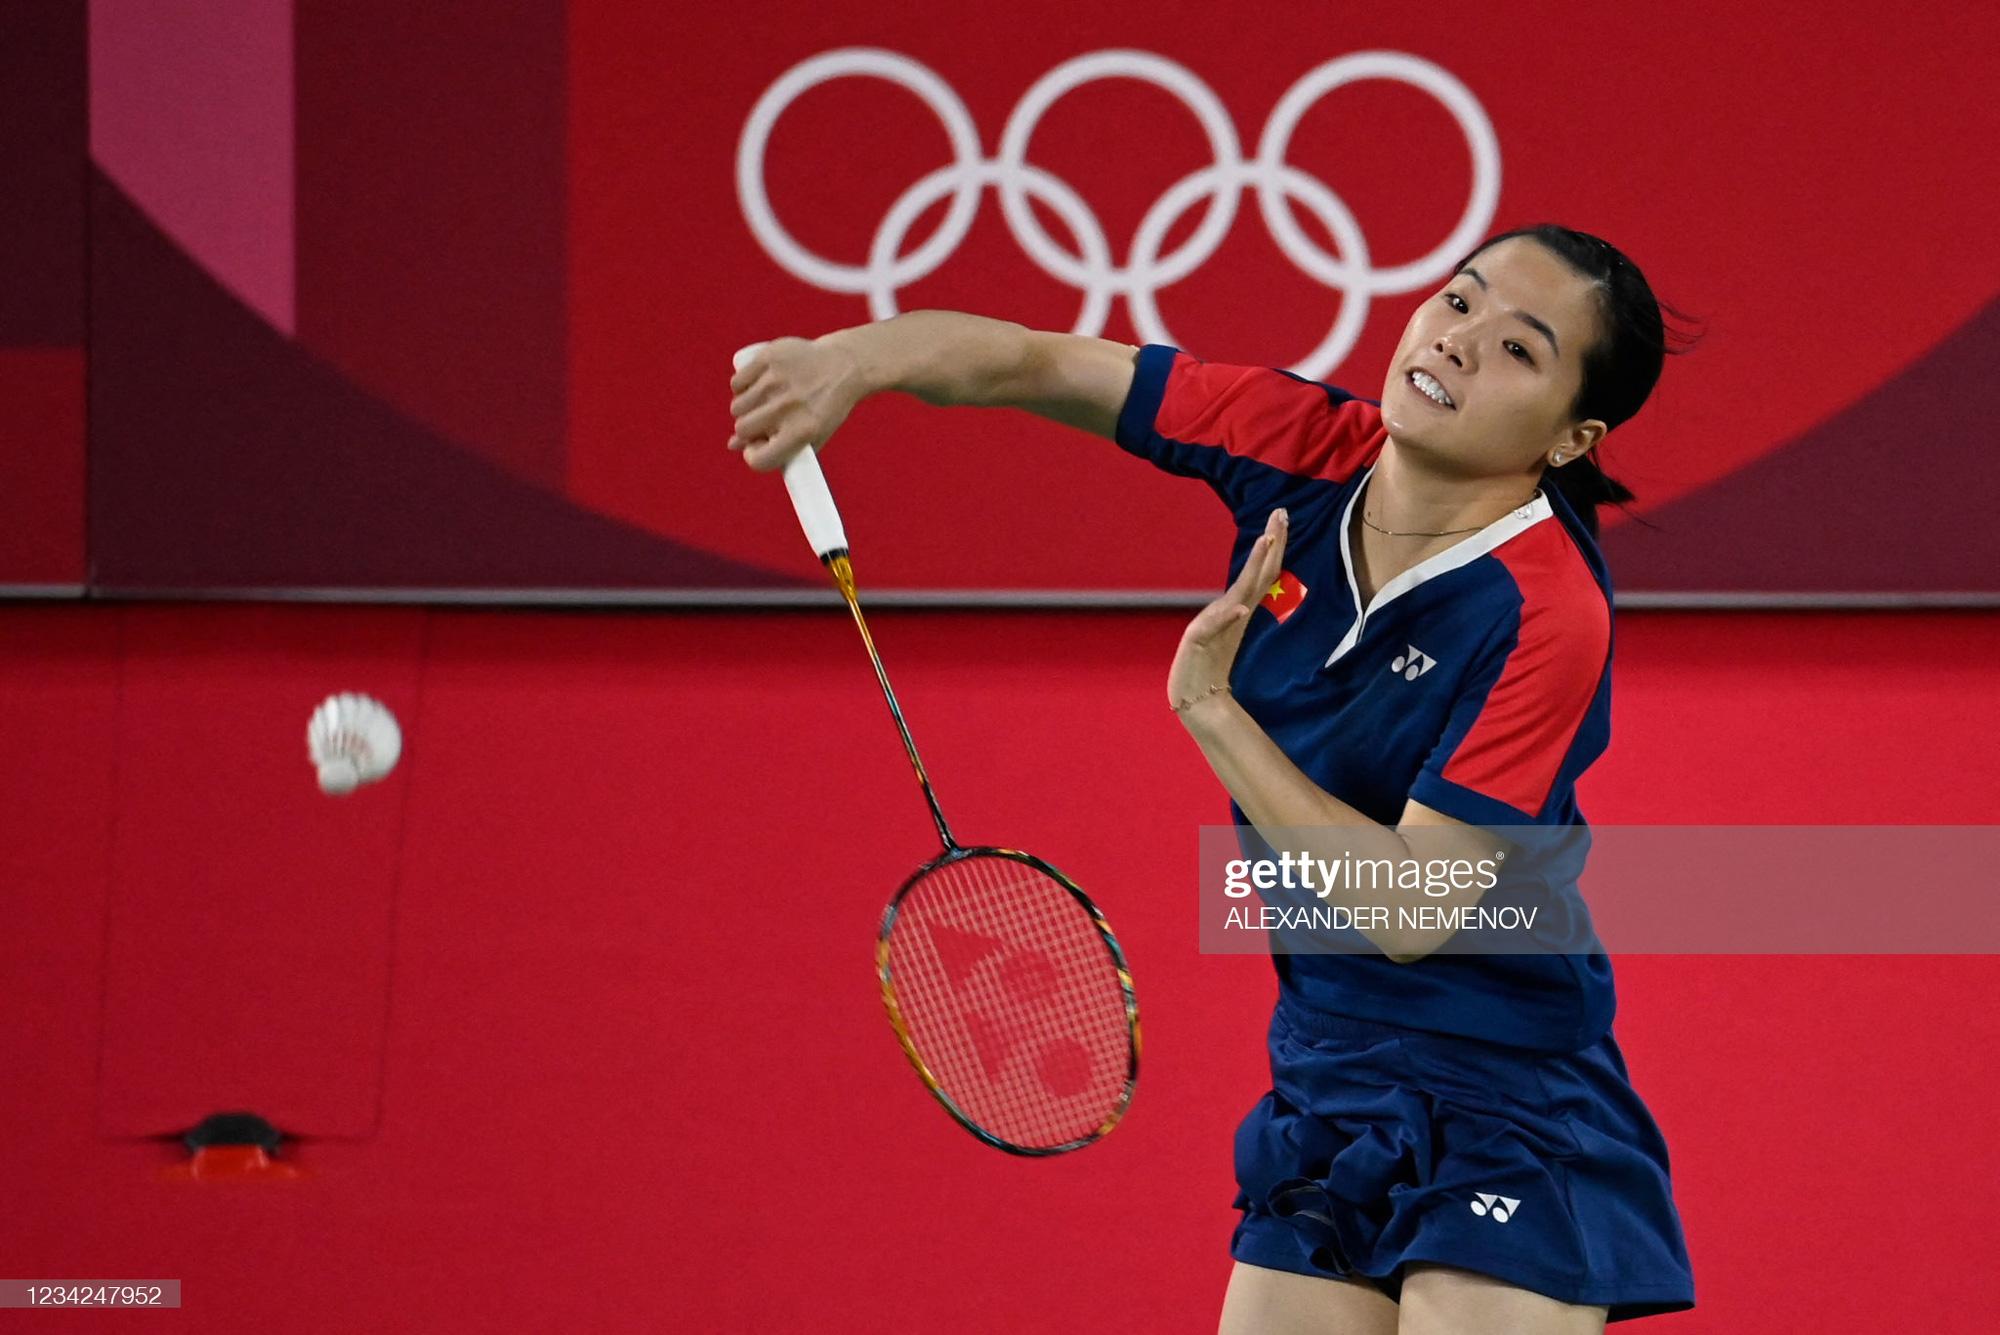 Olympic Tokyo 2020: Nguyễn Thùy Linh xuất sắc đánh bại tay vợt hơn 3 bậc trên BXH thế giới - Ảnh 2.